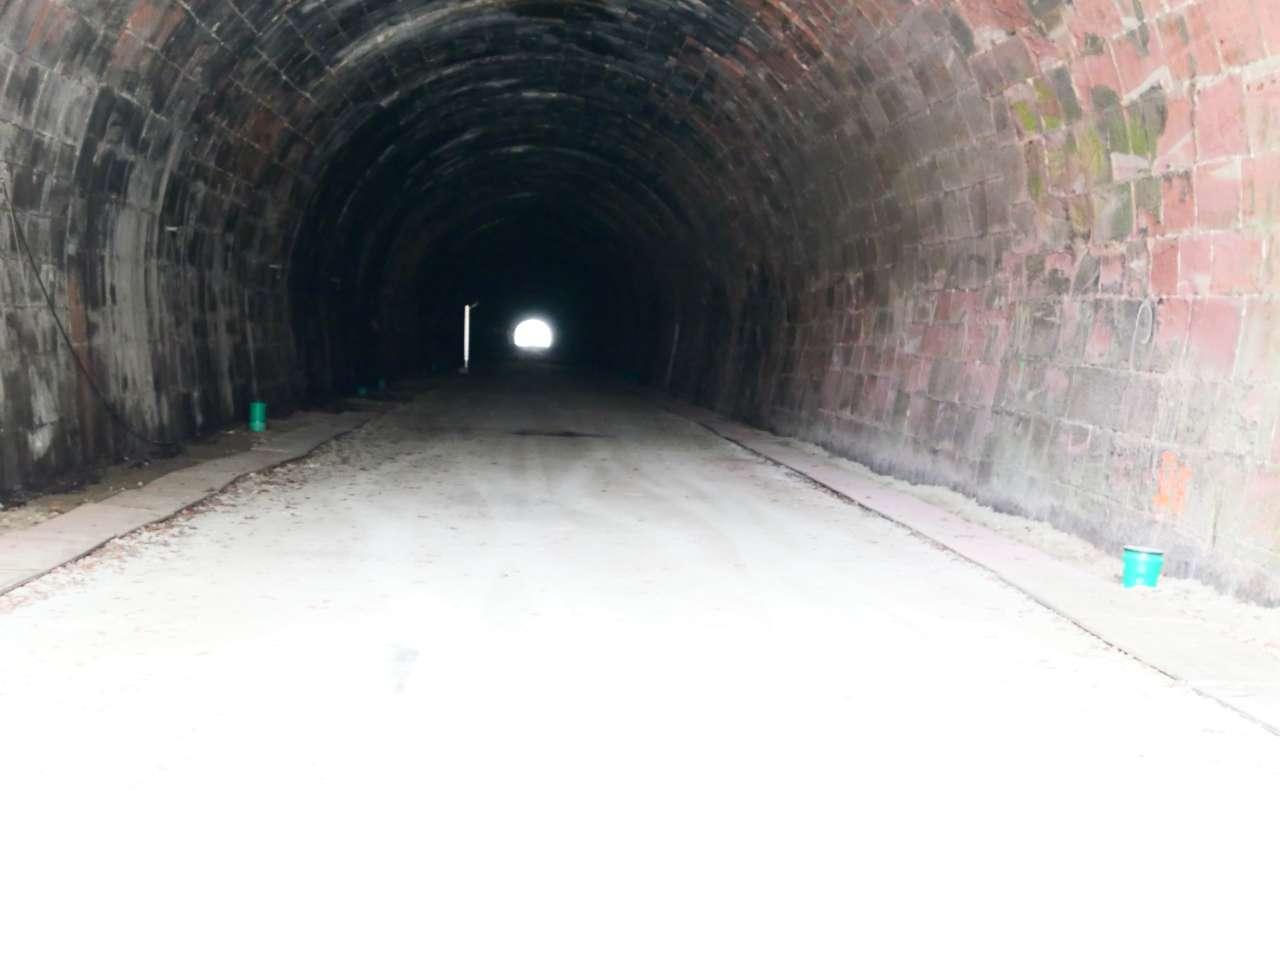 https://abload.de/img/3-18-tunnel2zzkau.jpg